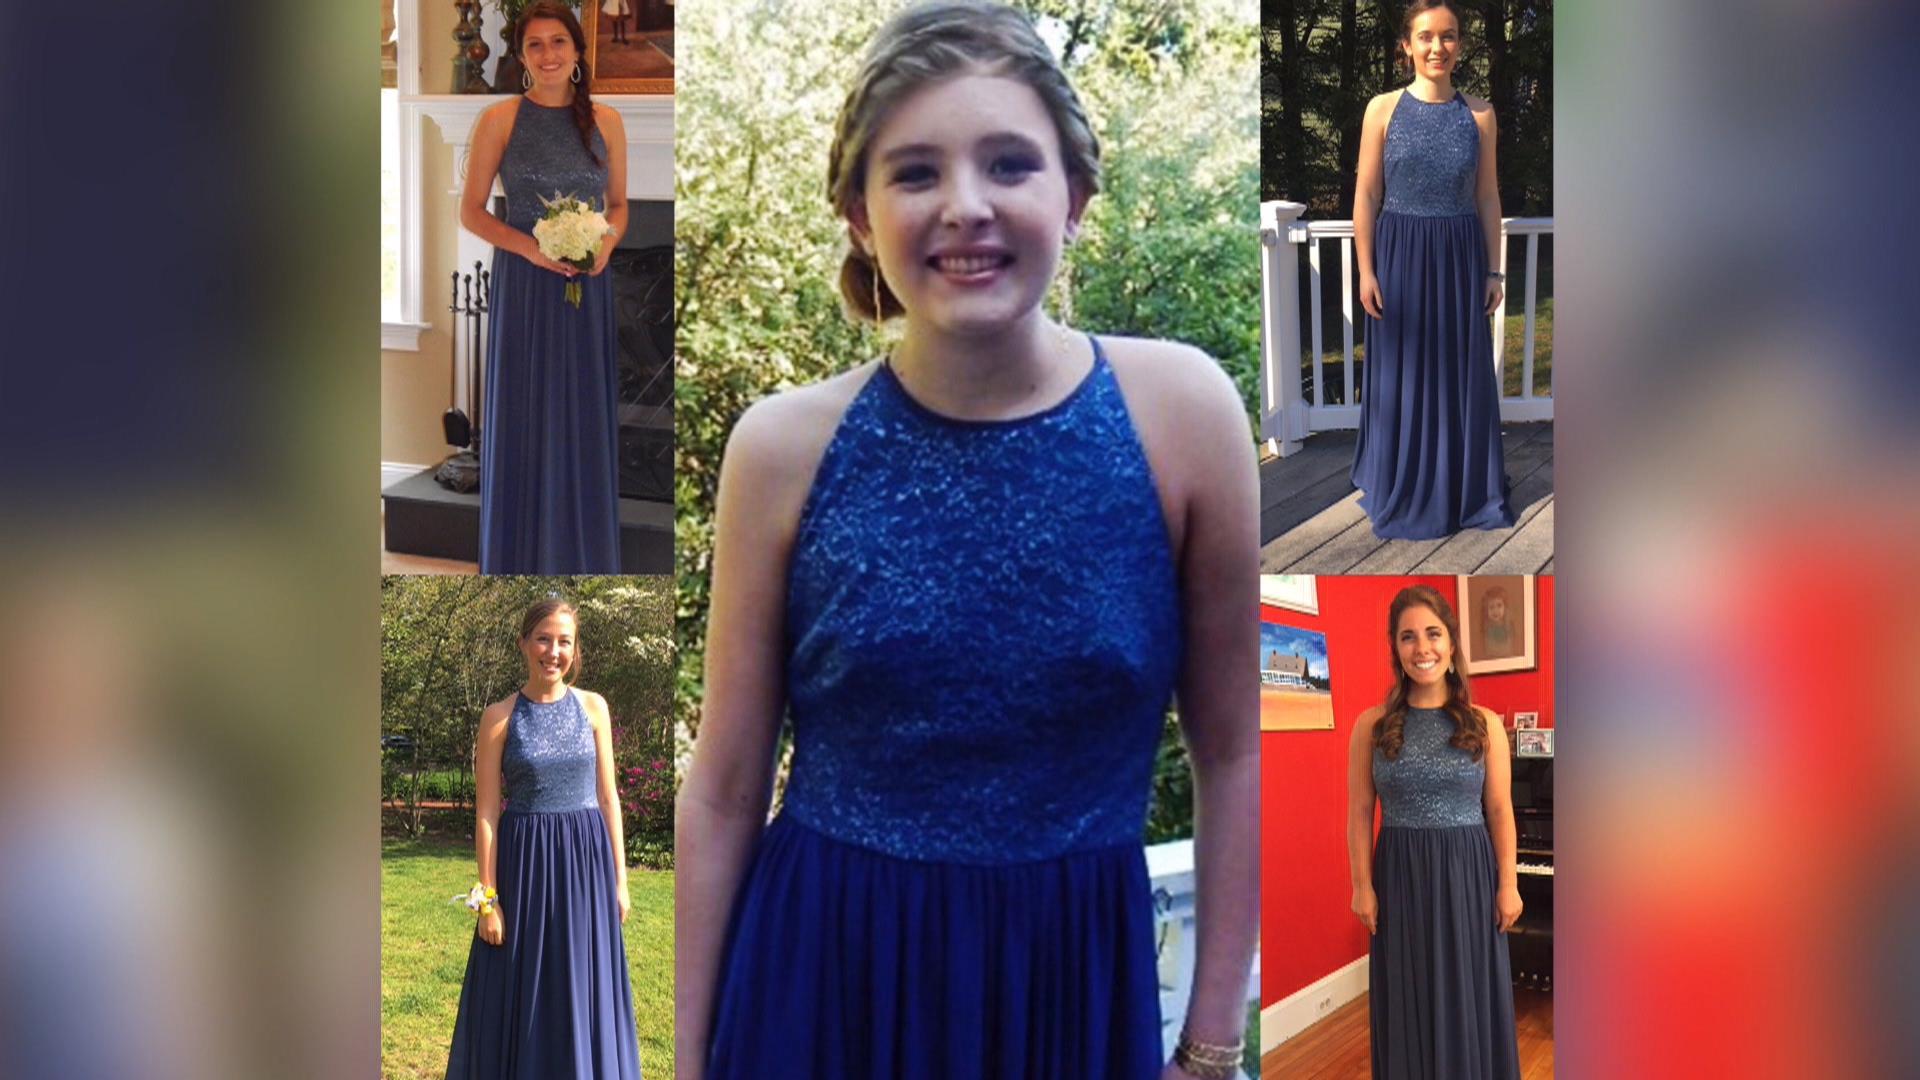 Same Prom Dress